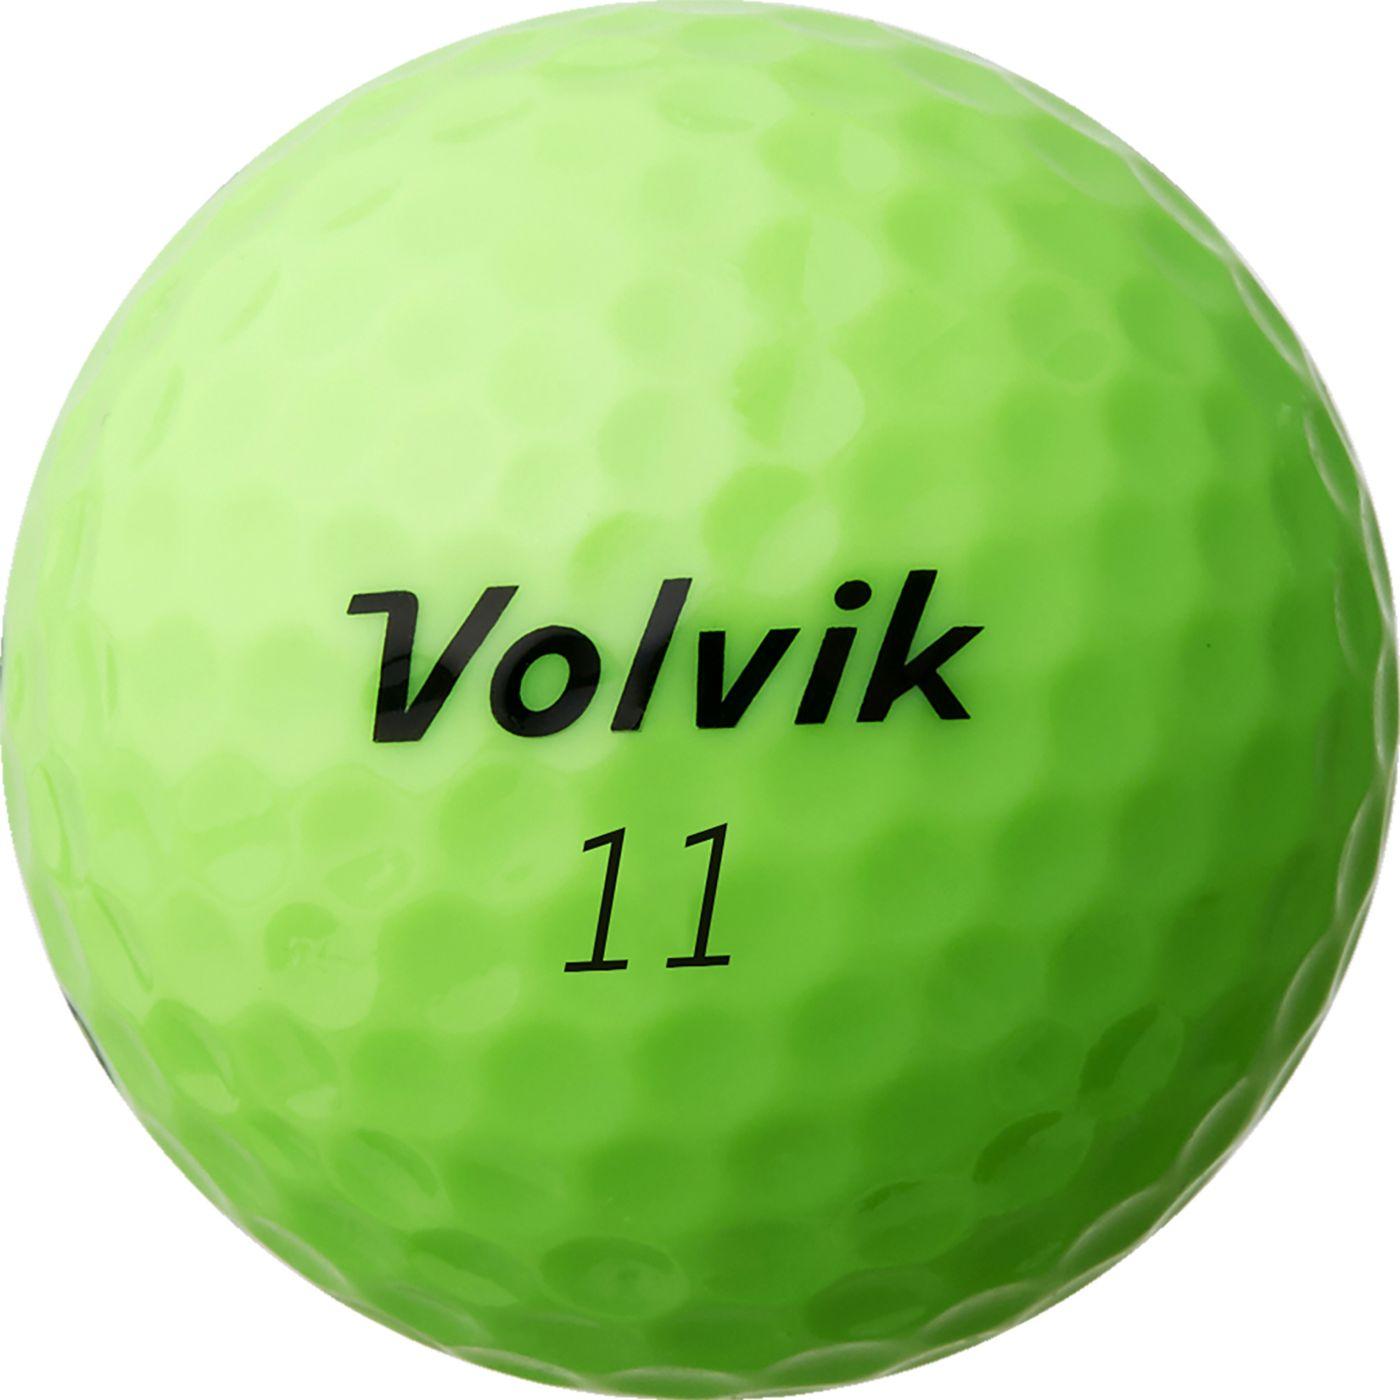 Volvik 2018 Power Soft Green Golf Balls